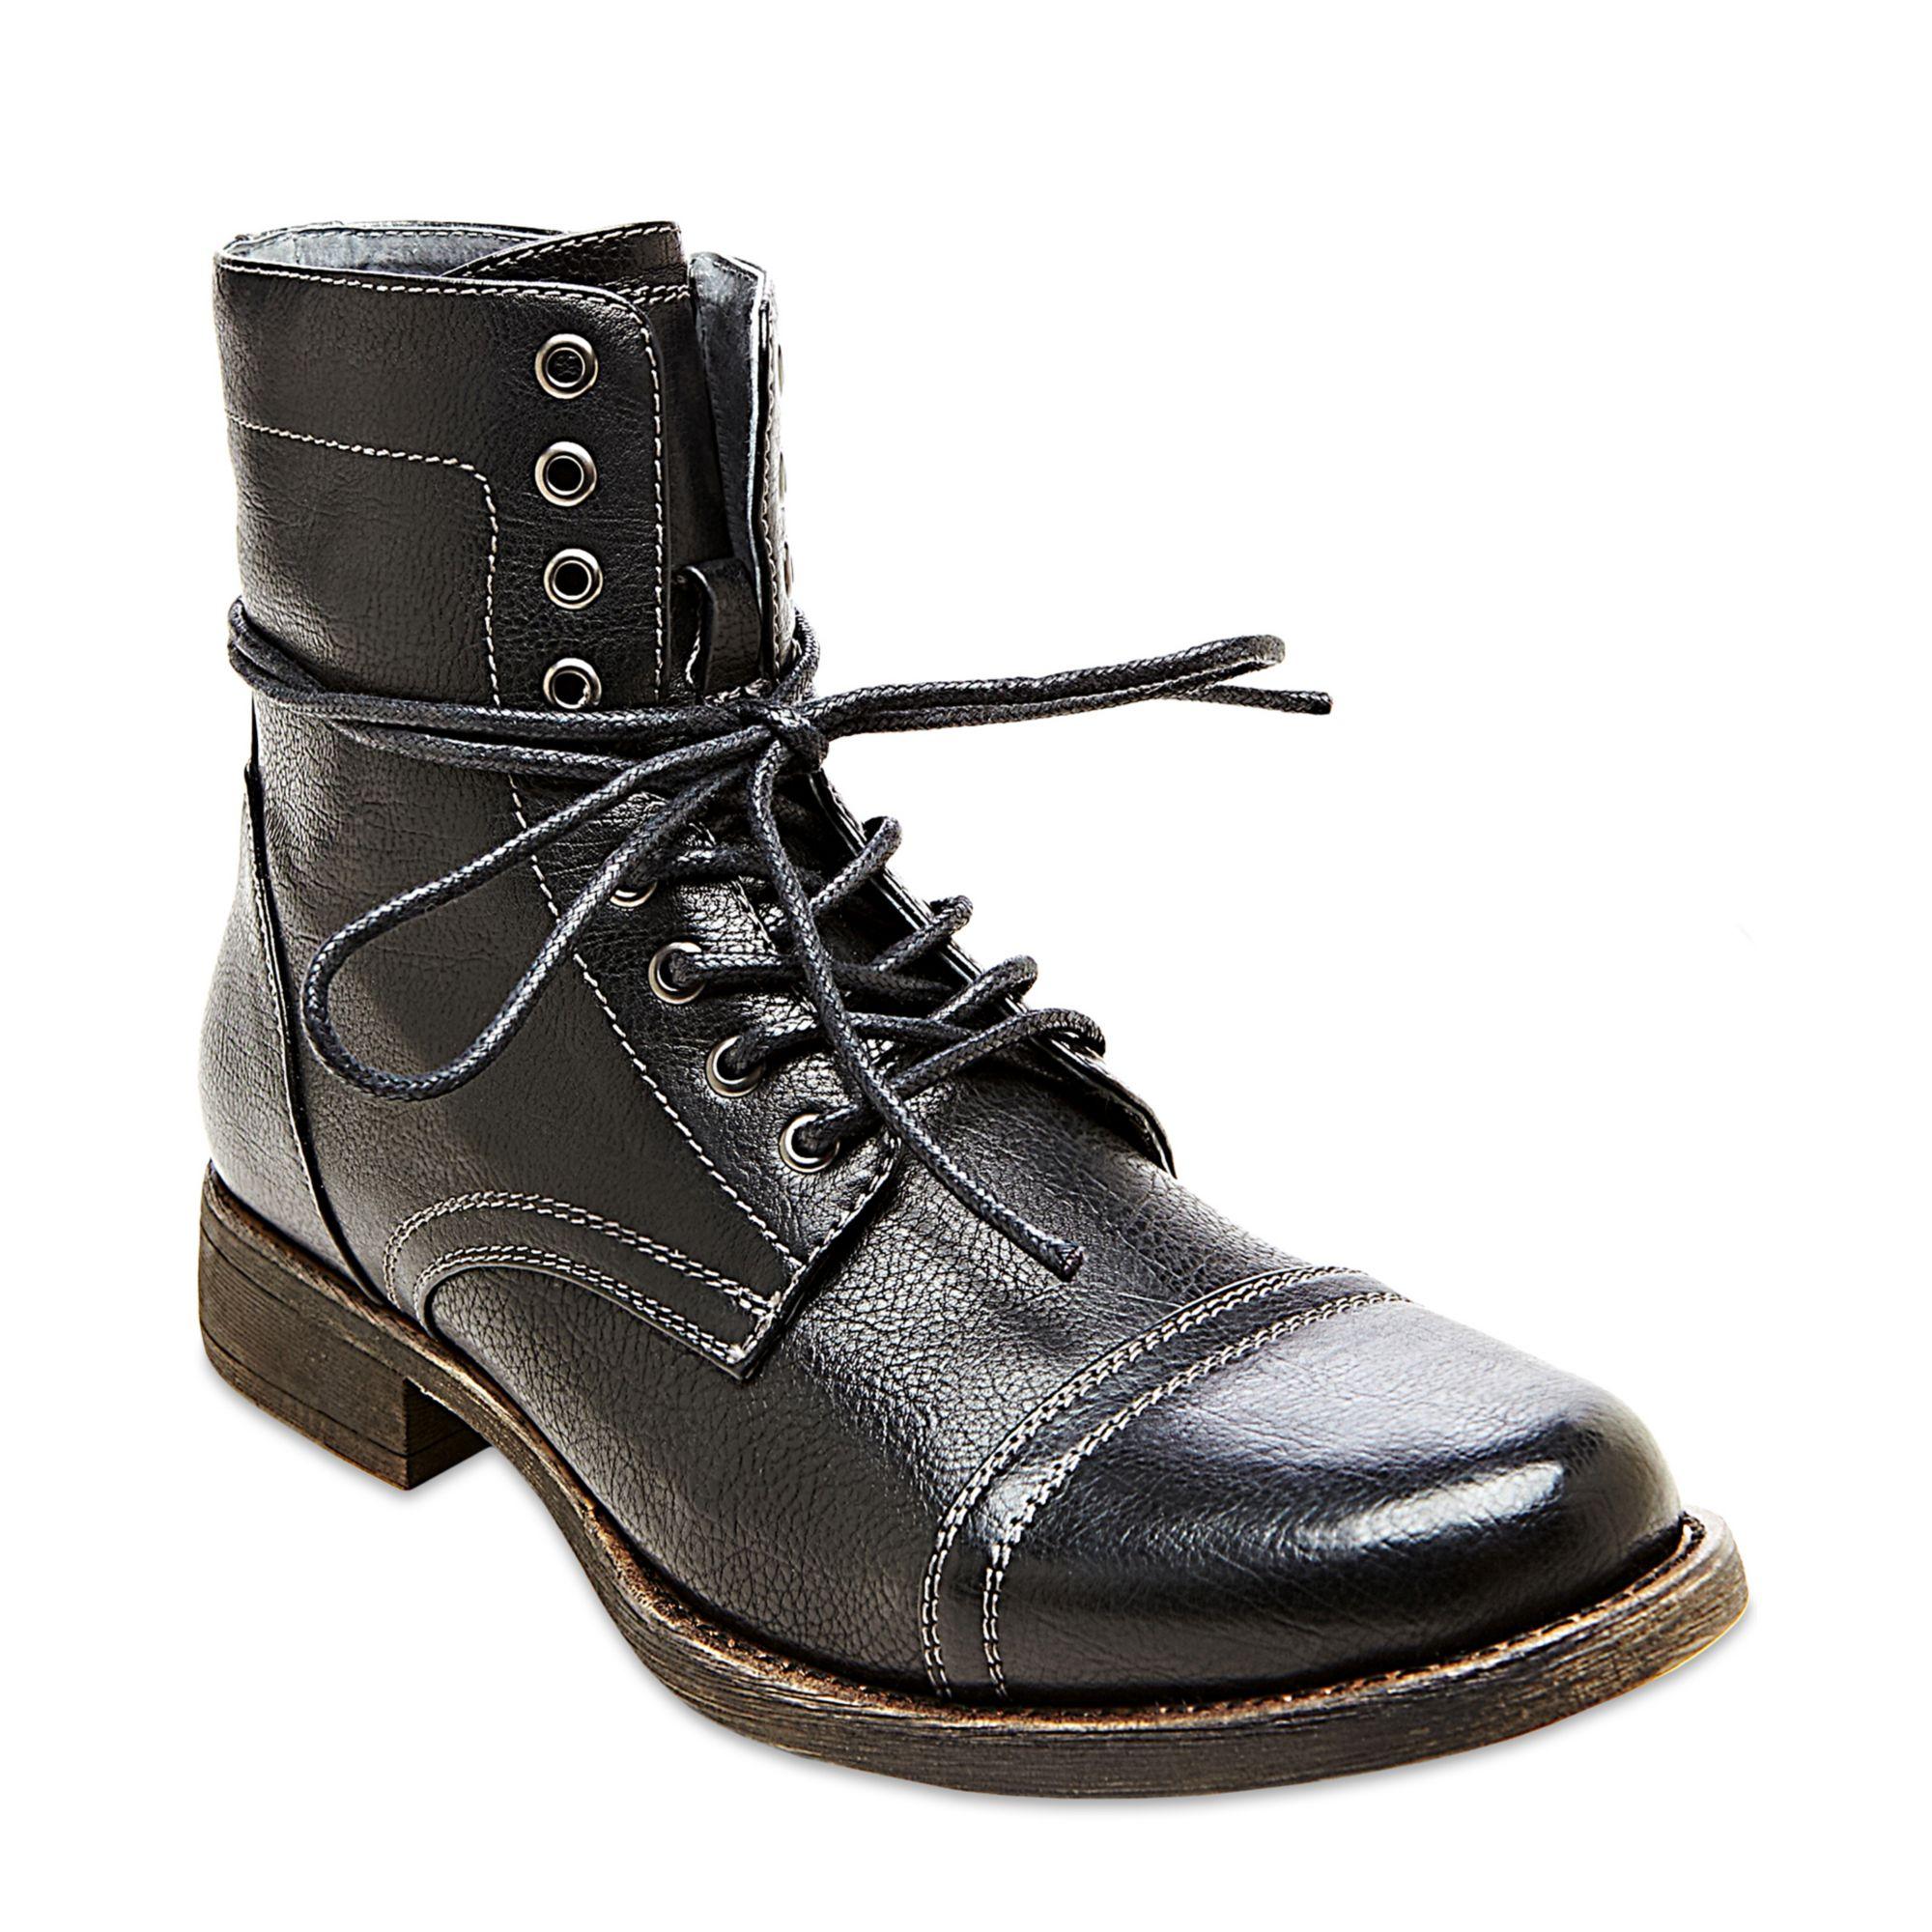 steve madden madden tylerr boots in black for lyst